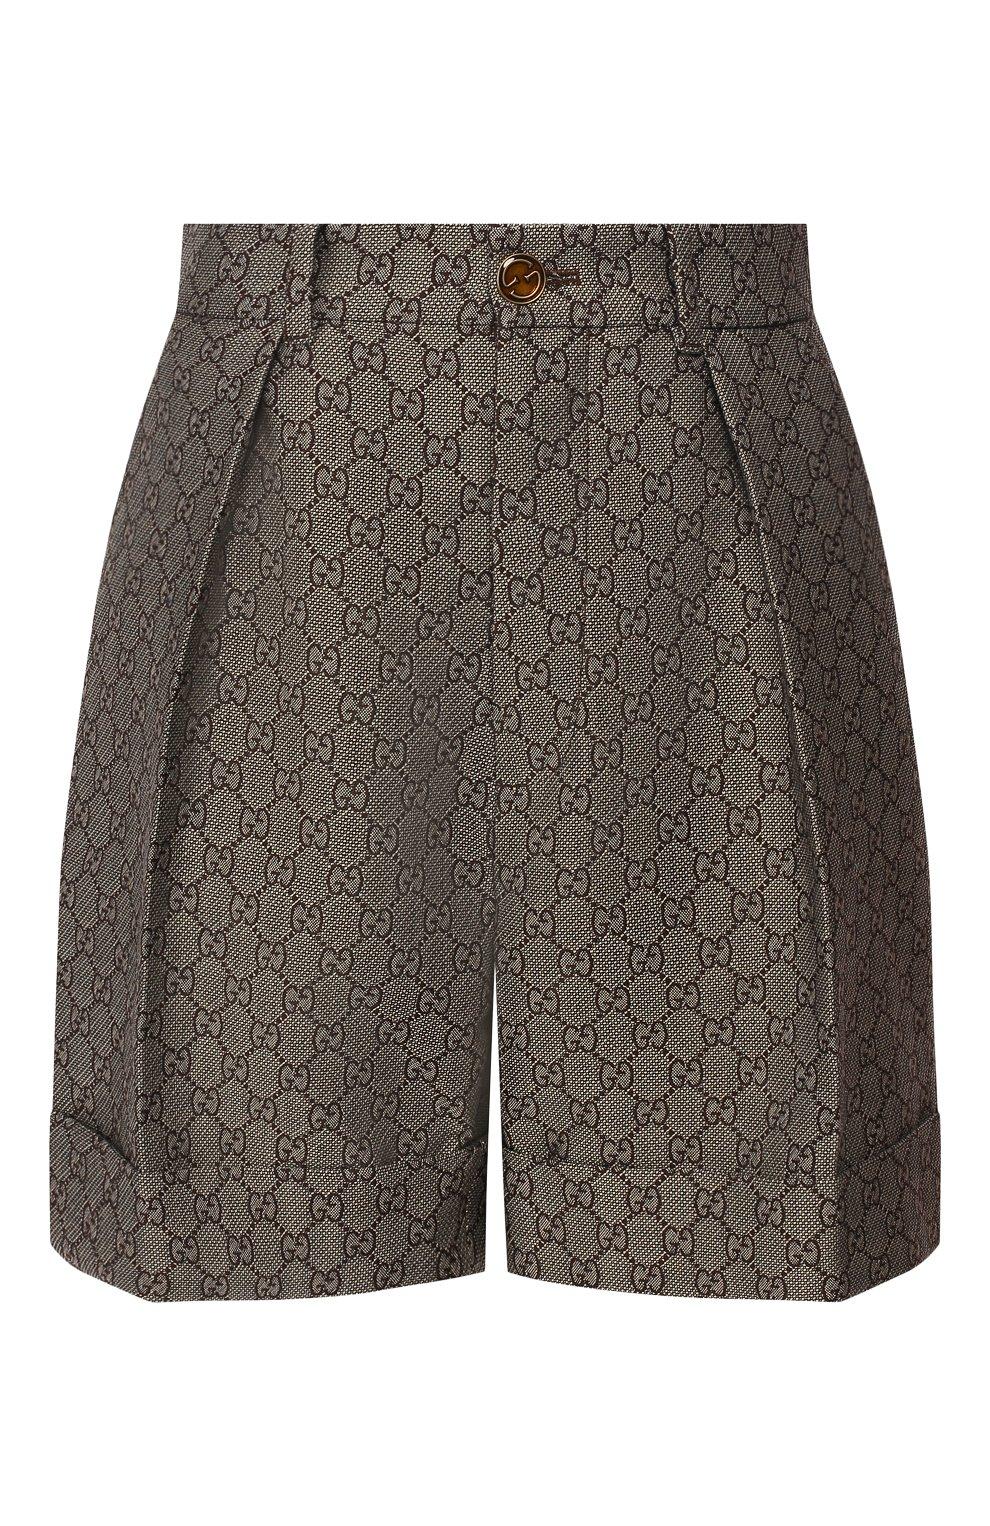 Шорты из смеси хлопка и шерсти Gucci коричневые | Фото №1